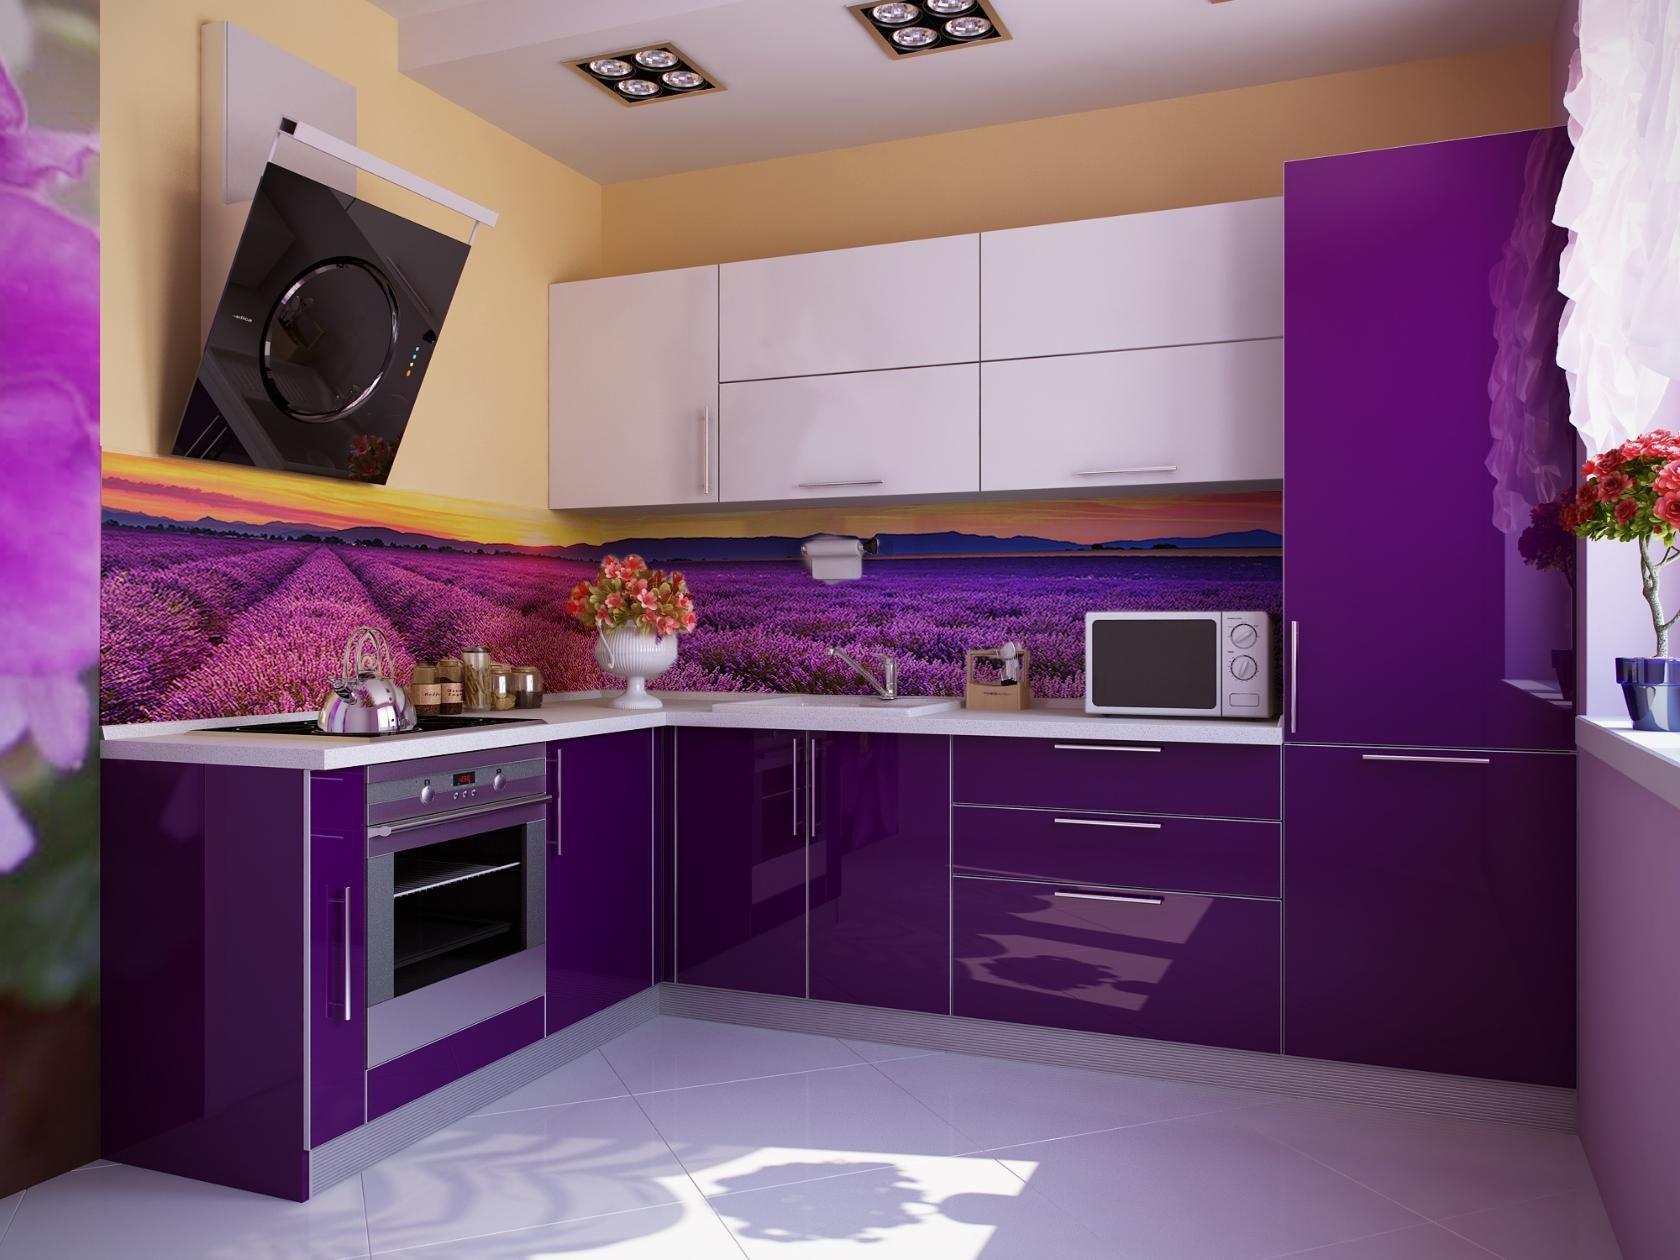 кухня из пленки мдф черничного цвета фото отделочные материалы это